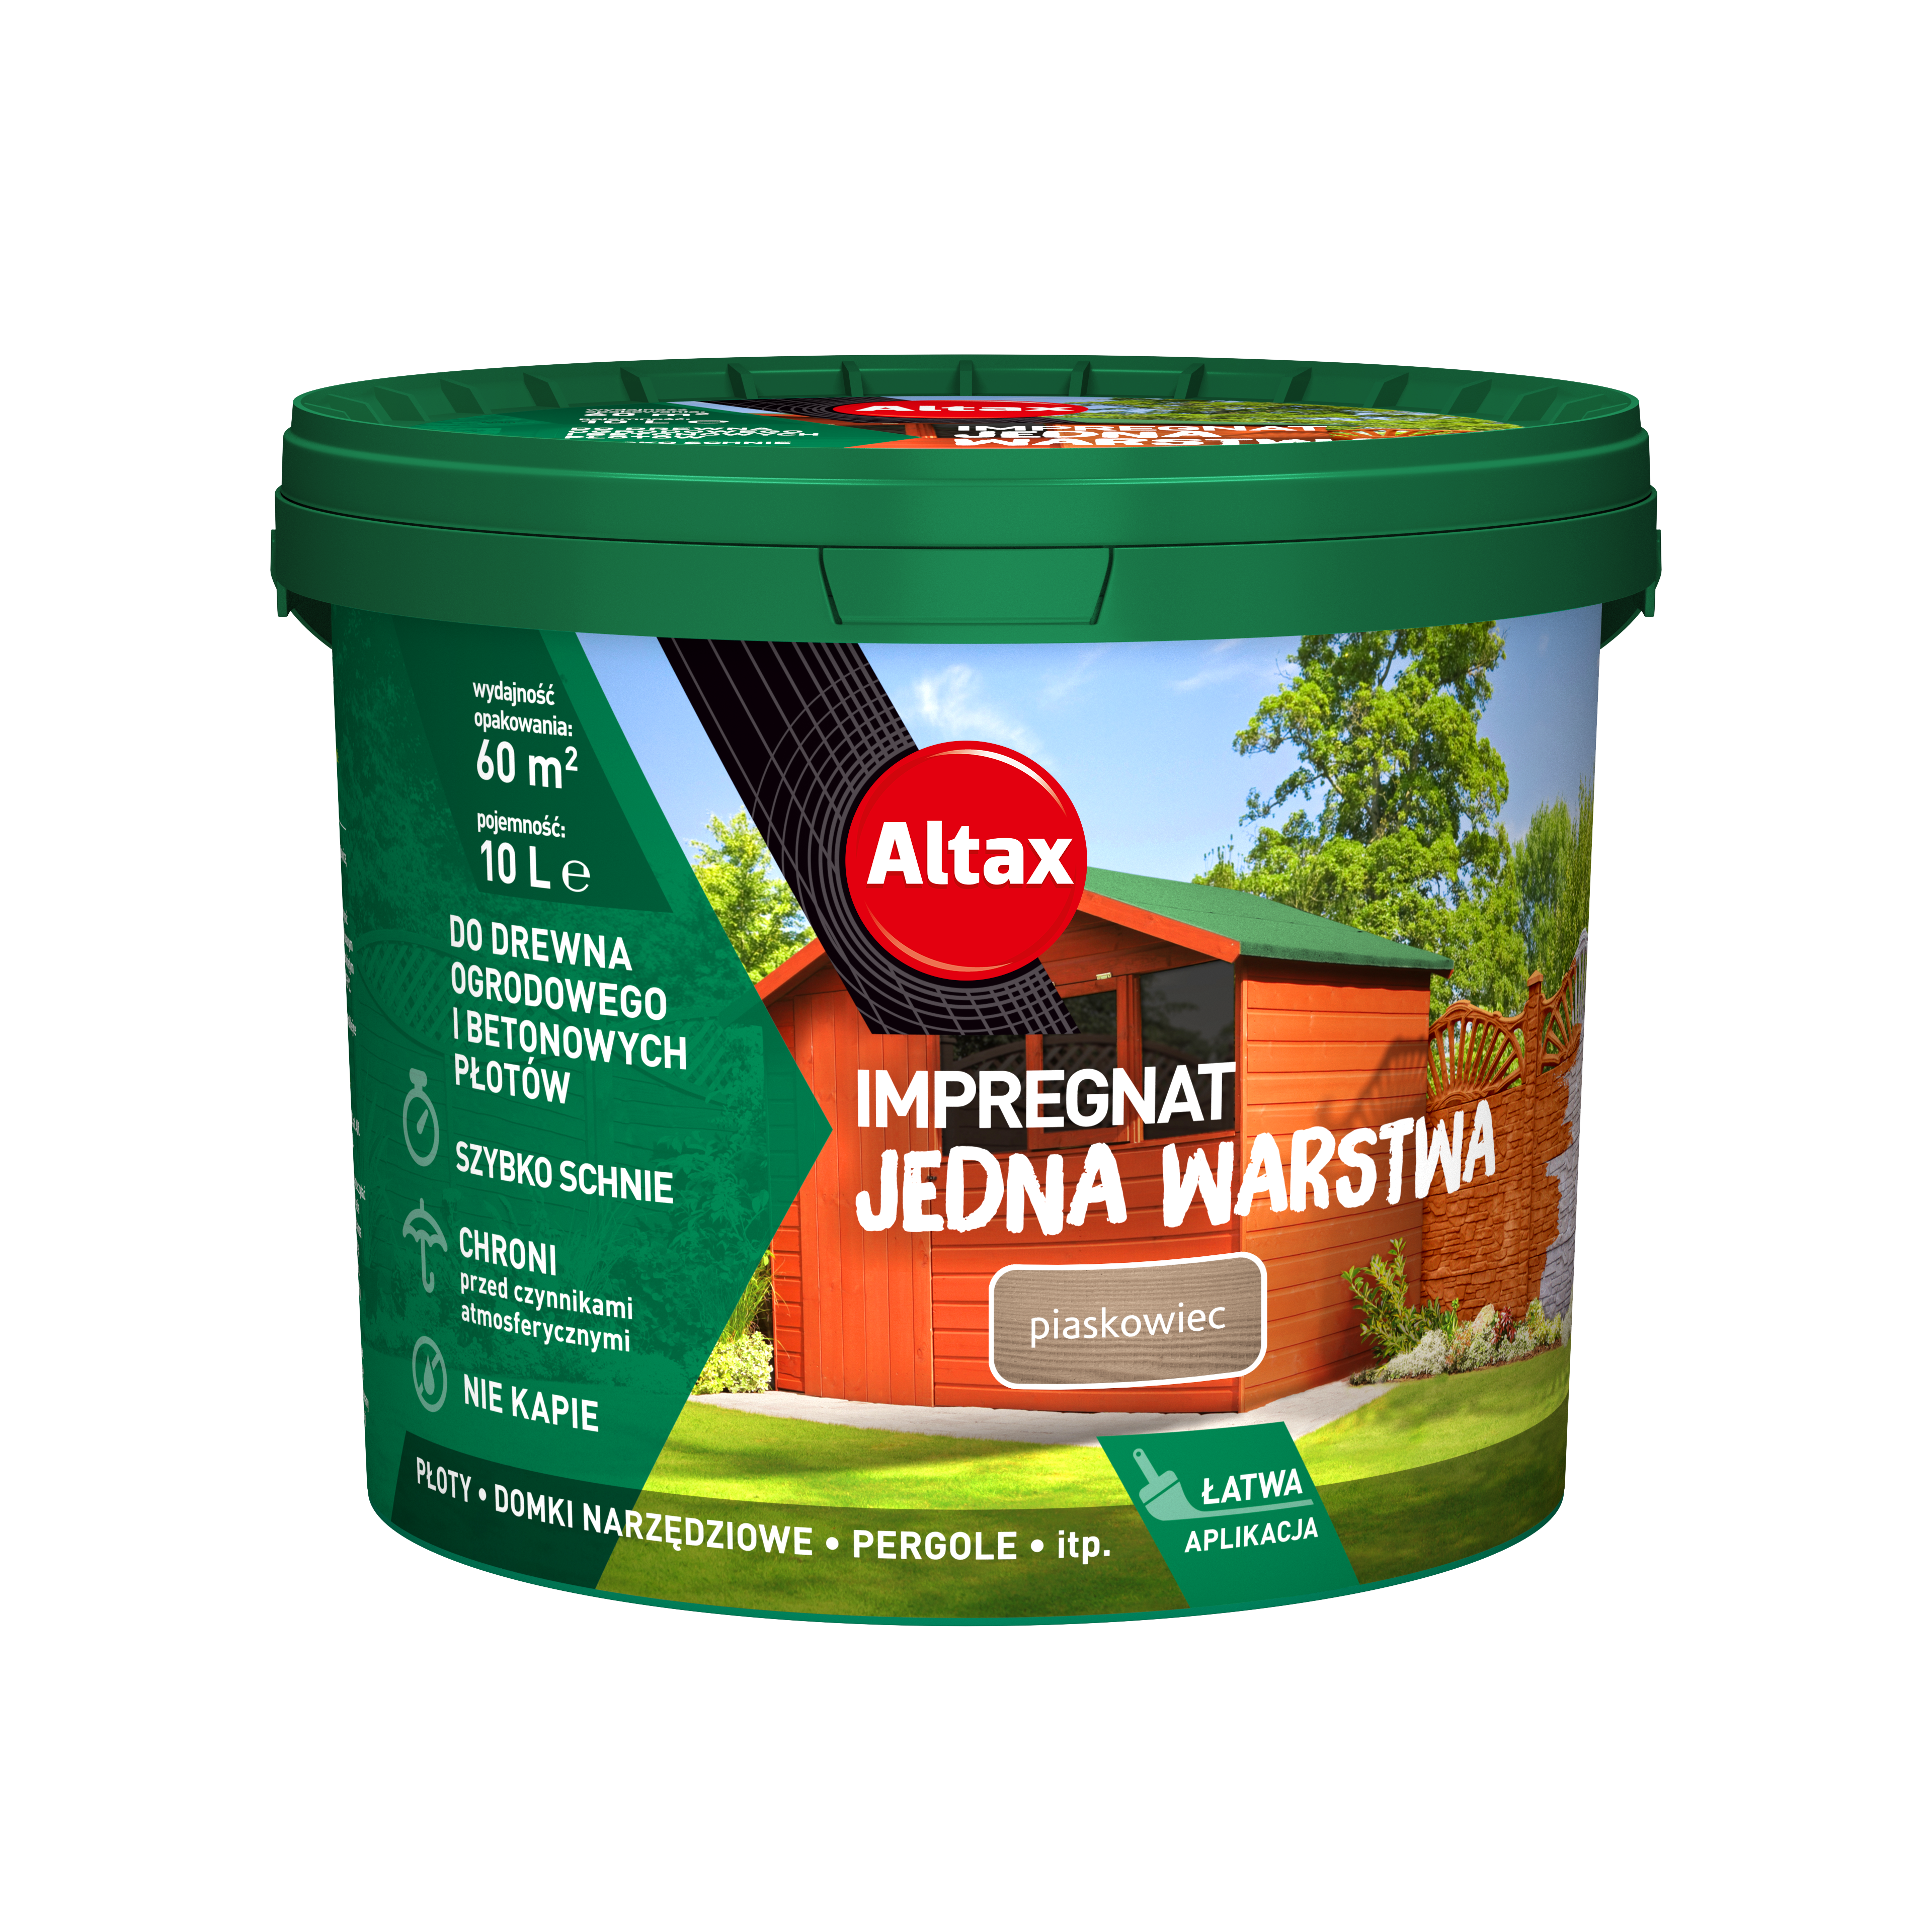 Altax Impregnat Do Drewna Ogrodowego Jedna Warstwa 10L Piaskowiec